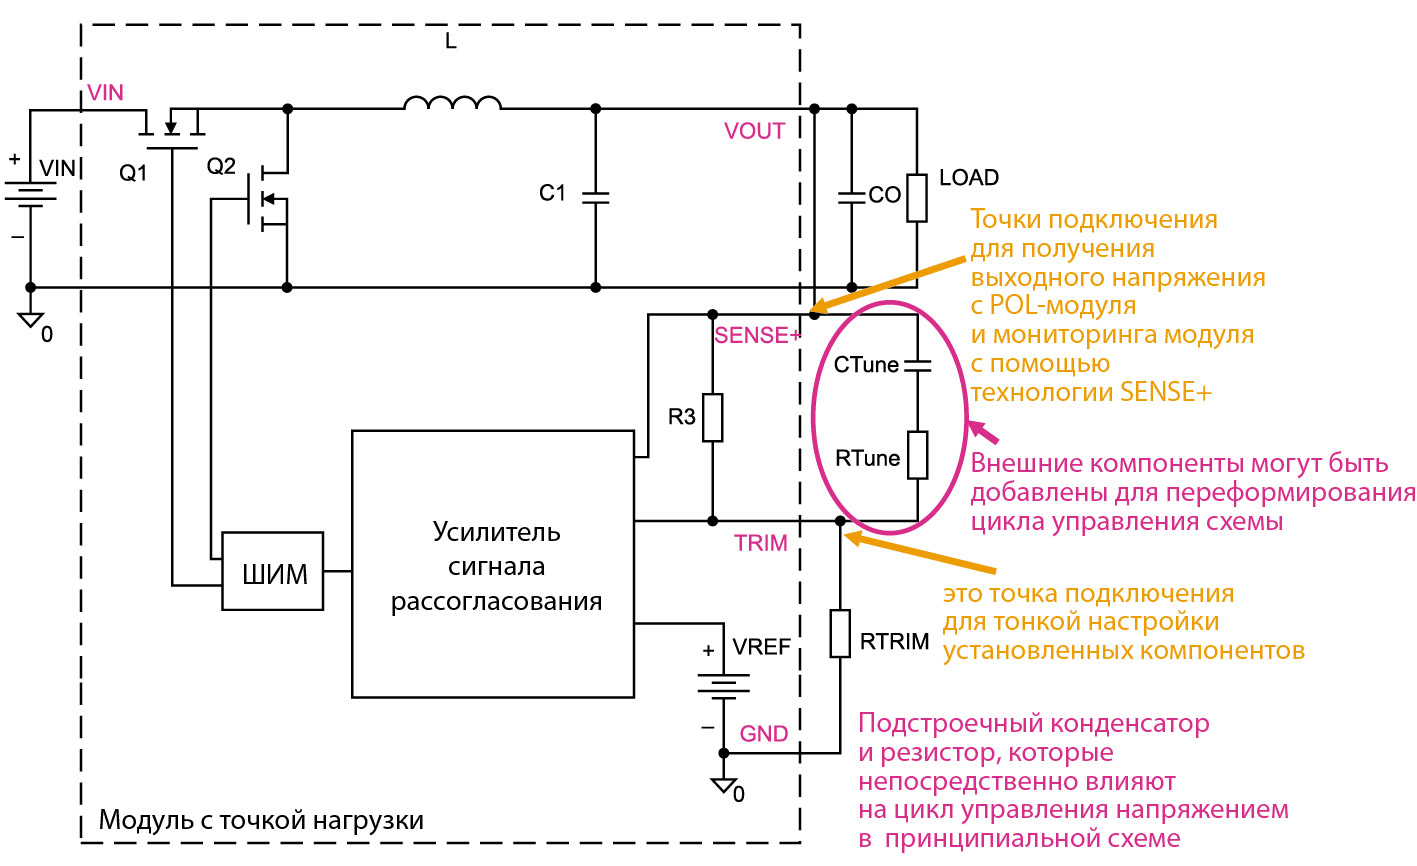 Структурная схема, поясняющая принцип работы технологии Tunable Loop